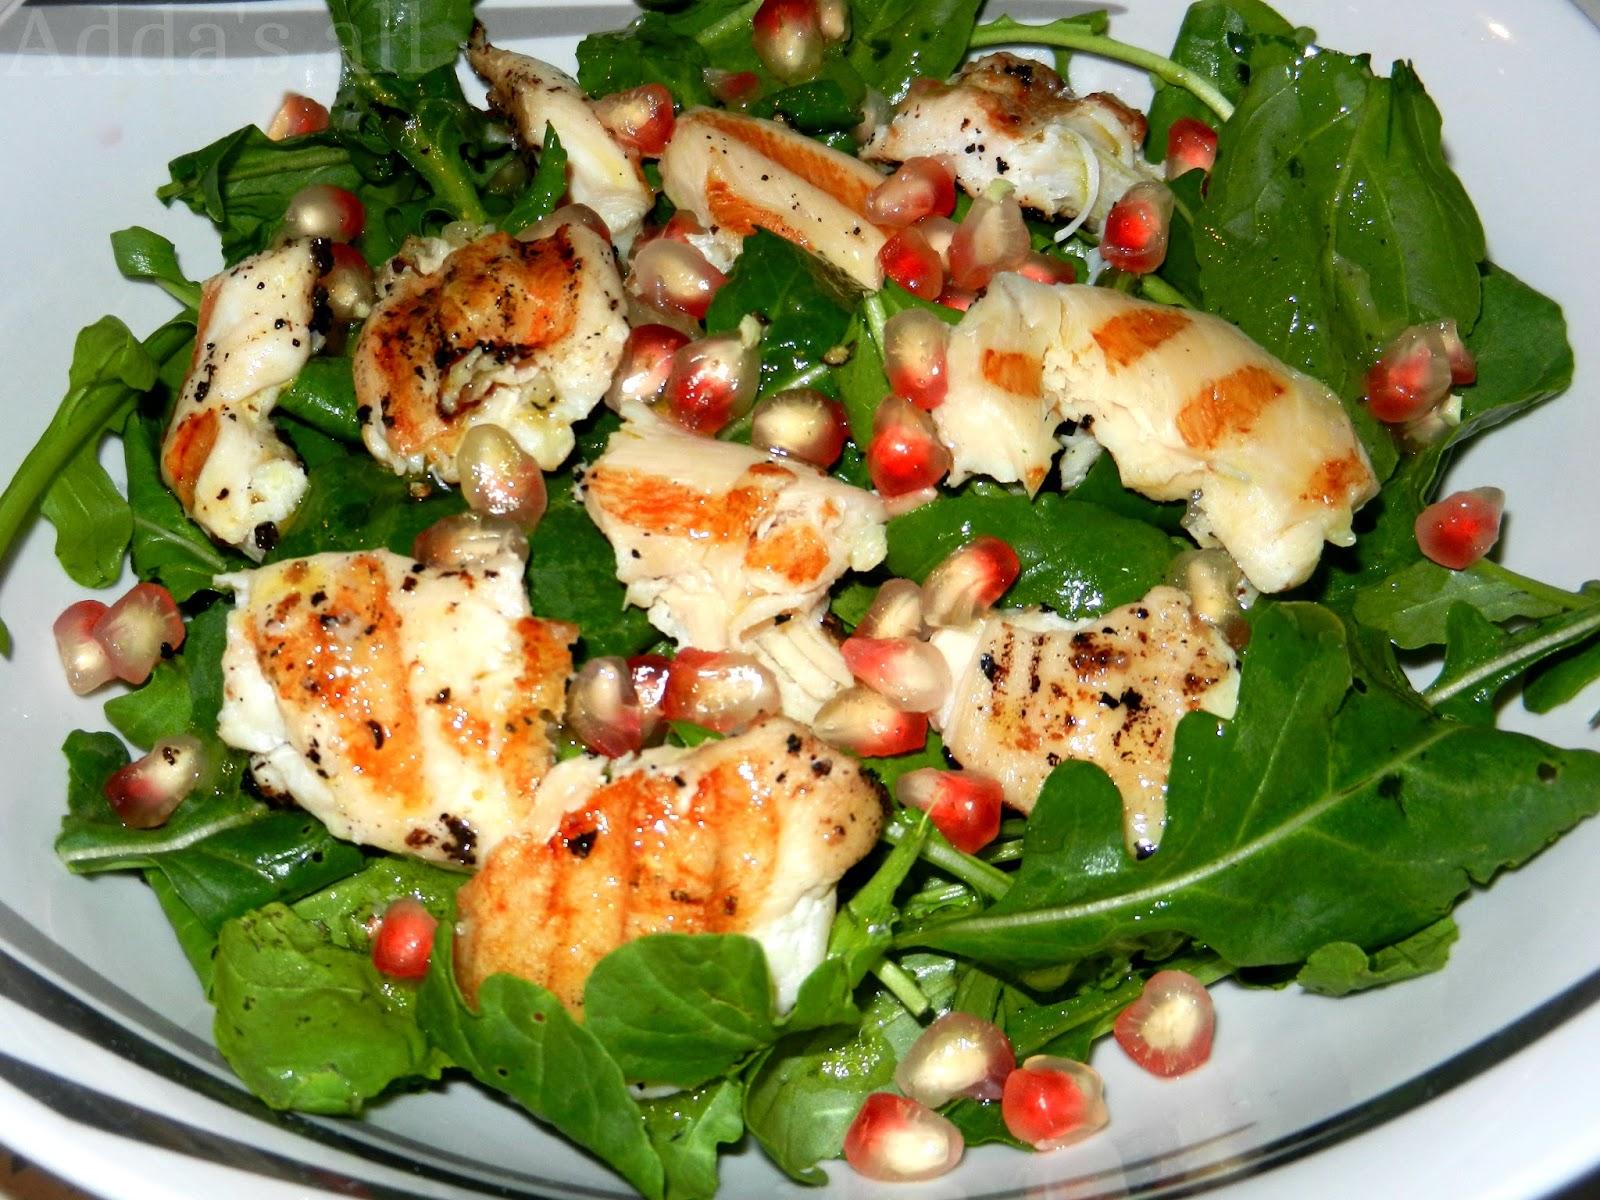 insalata di pollo,rucola e melograno